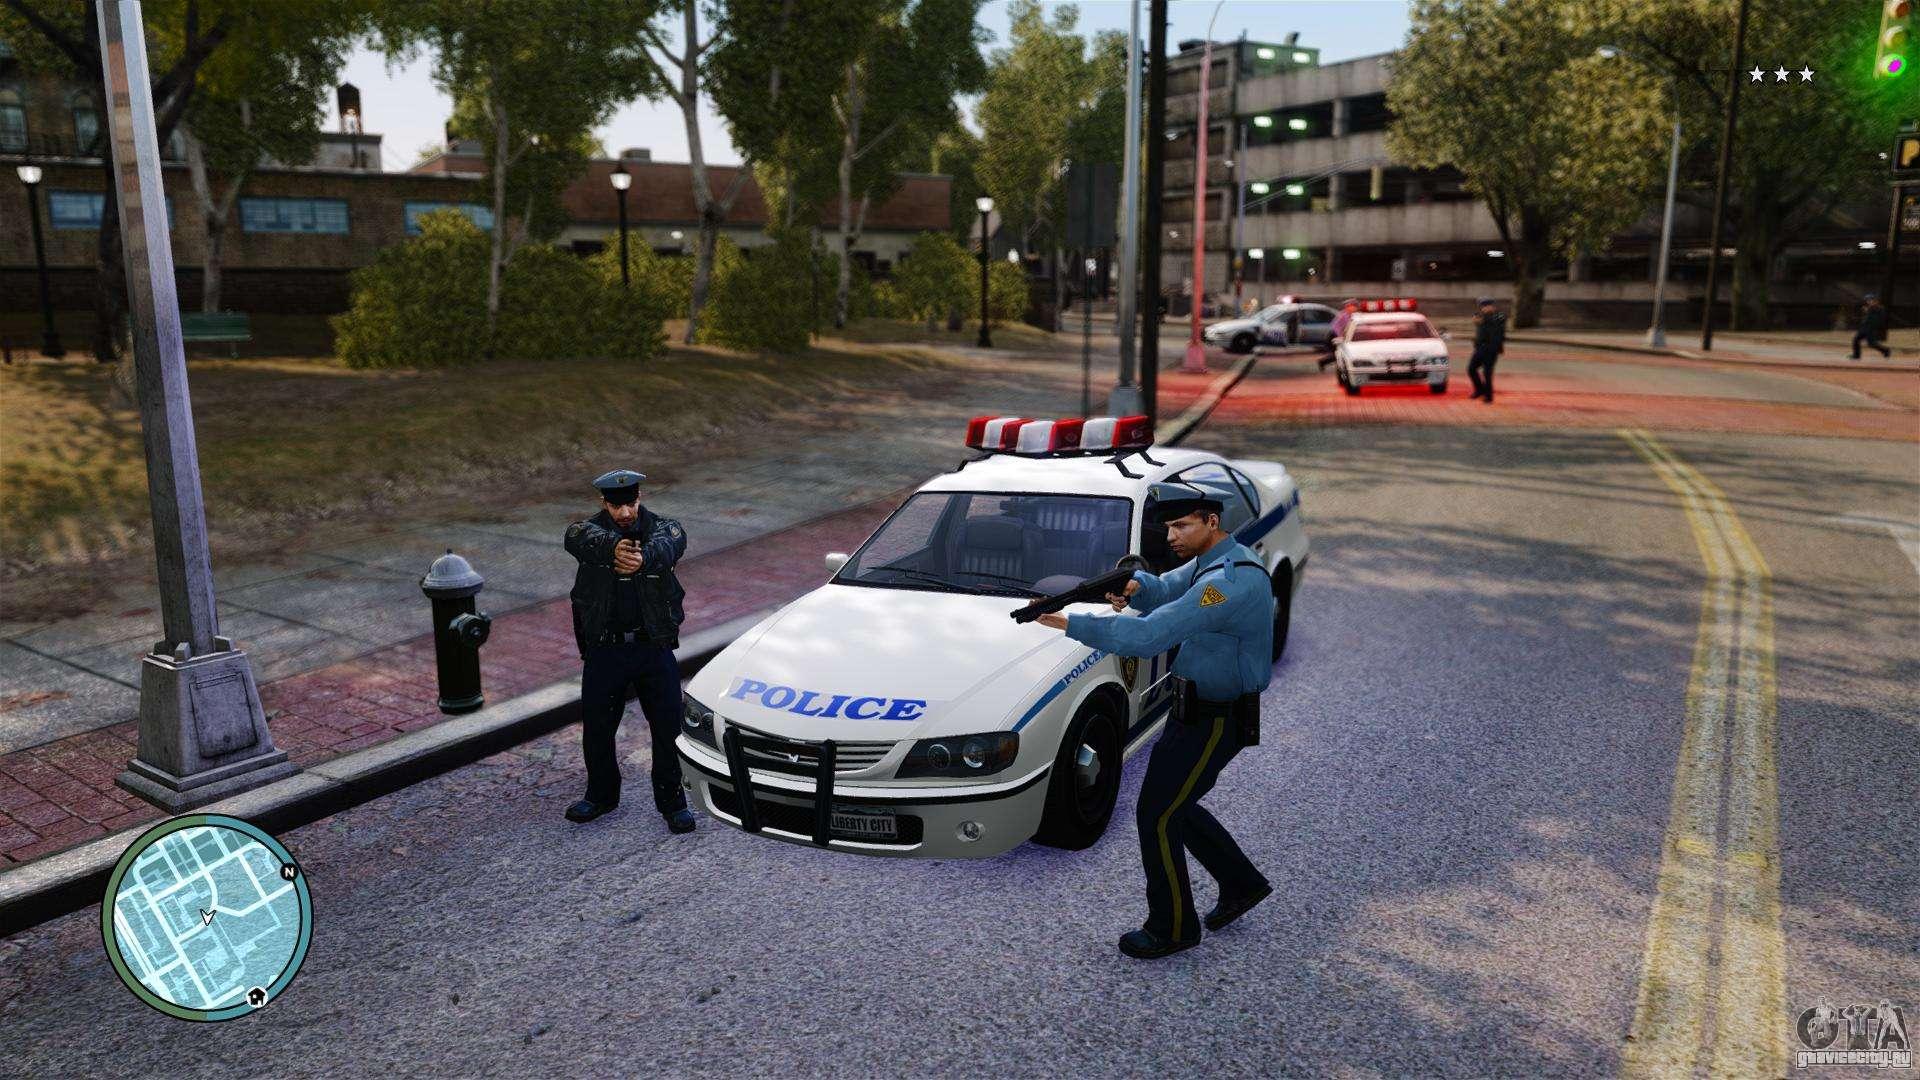 Скачать мод на гта 4 полиция мод